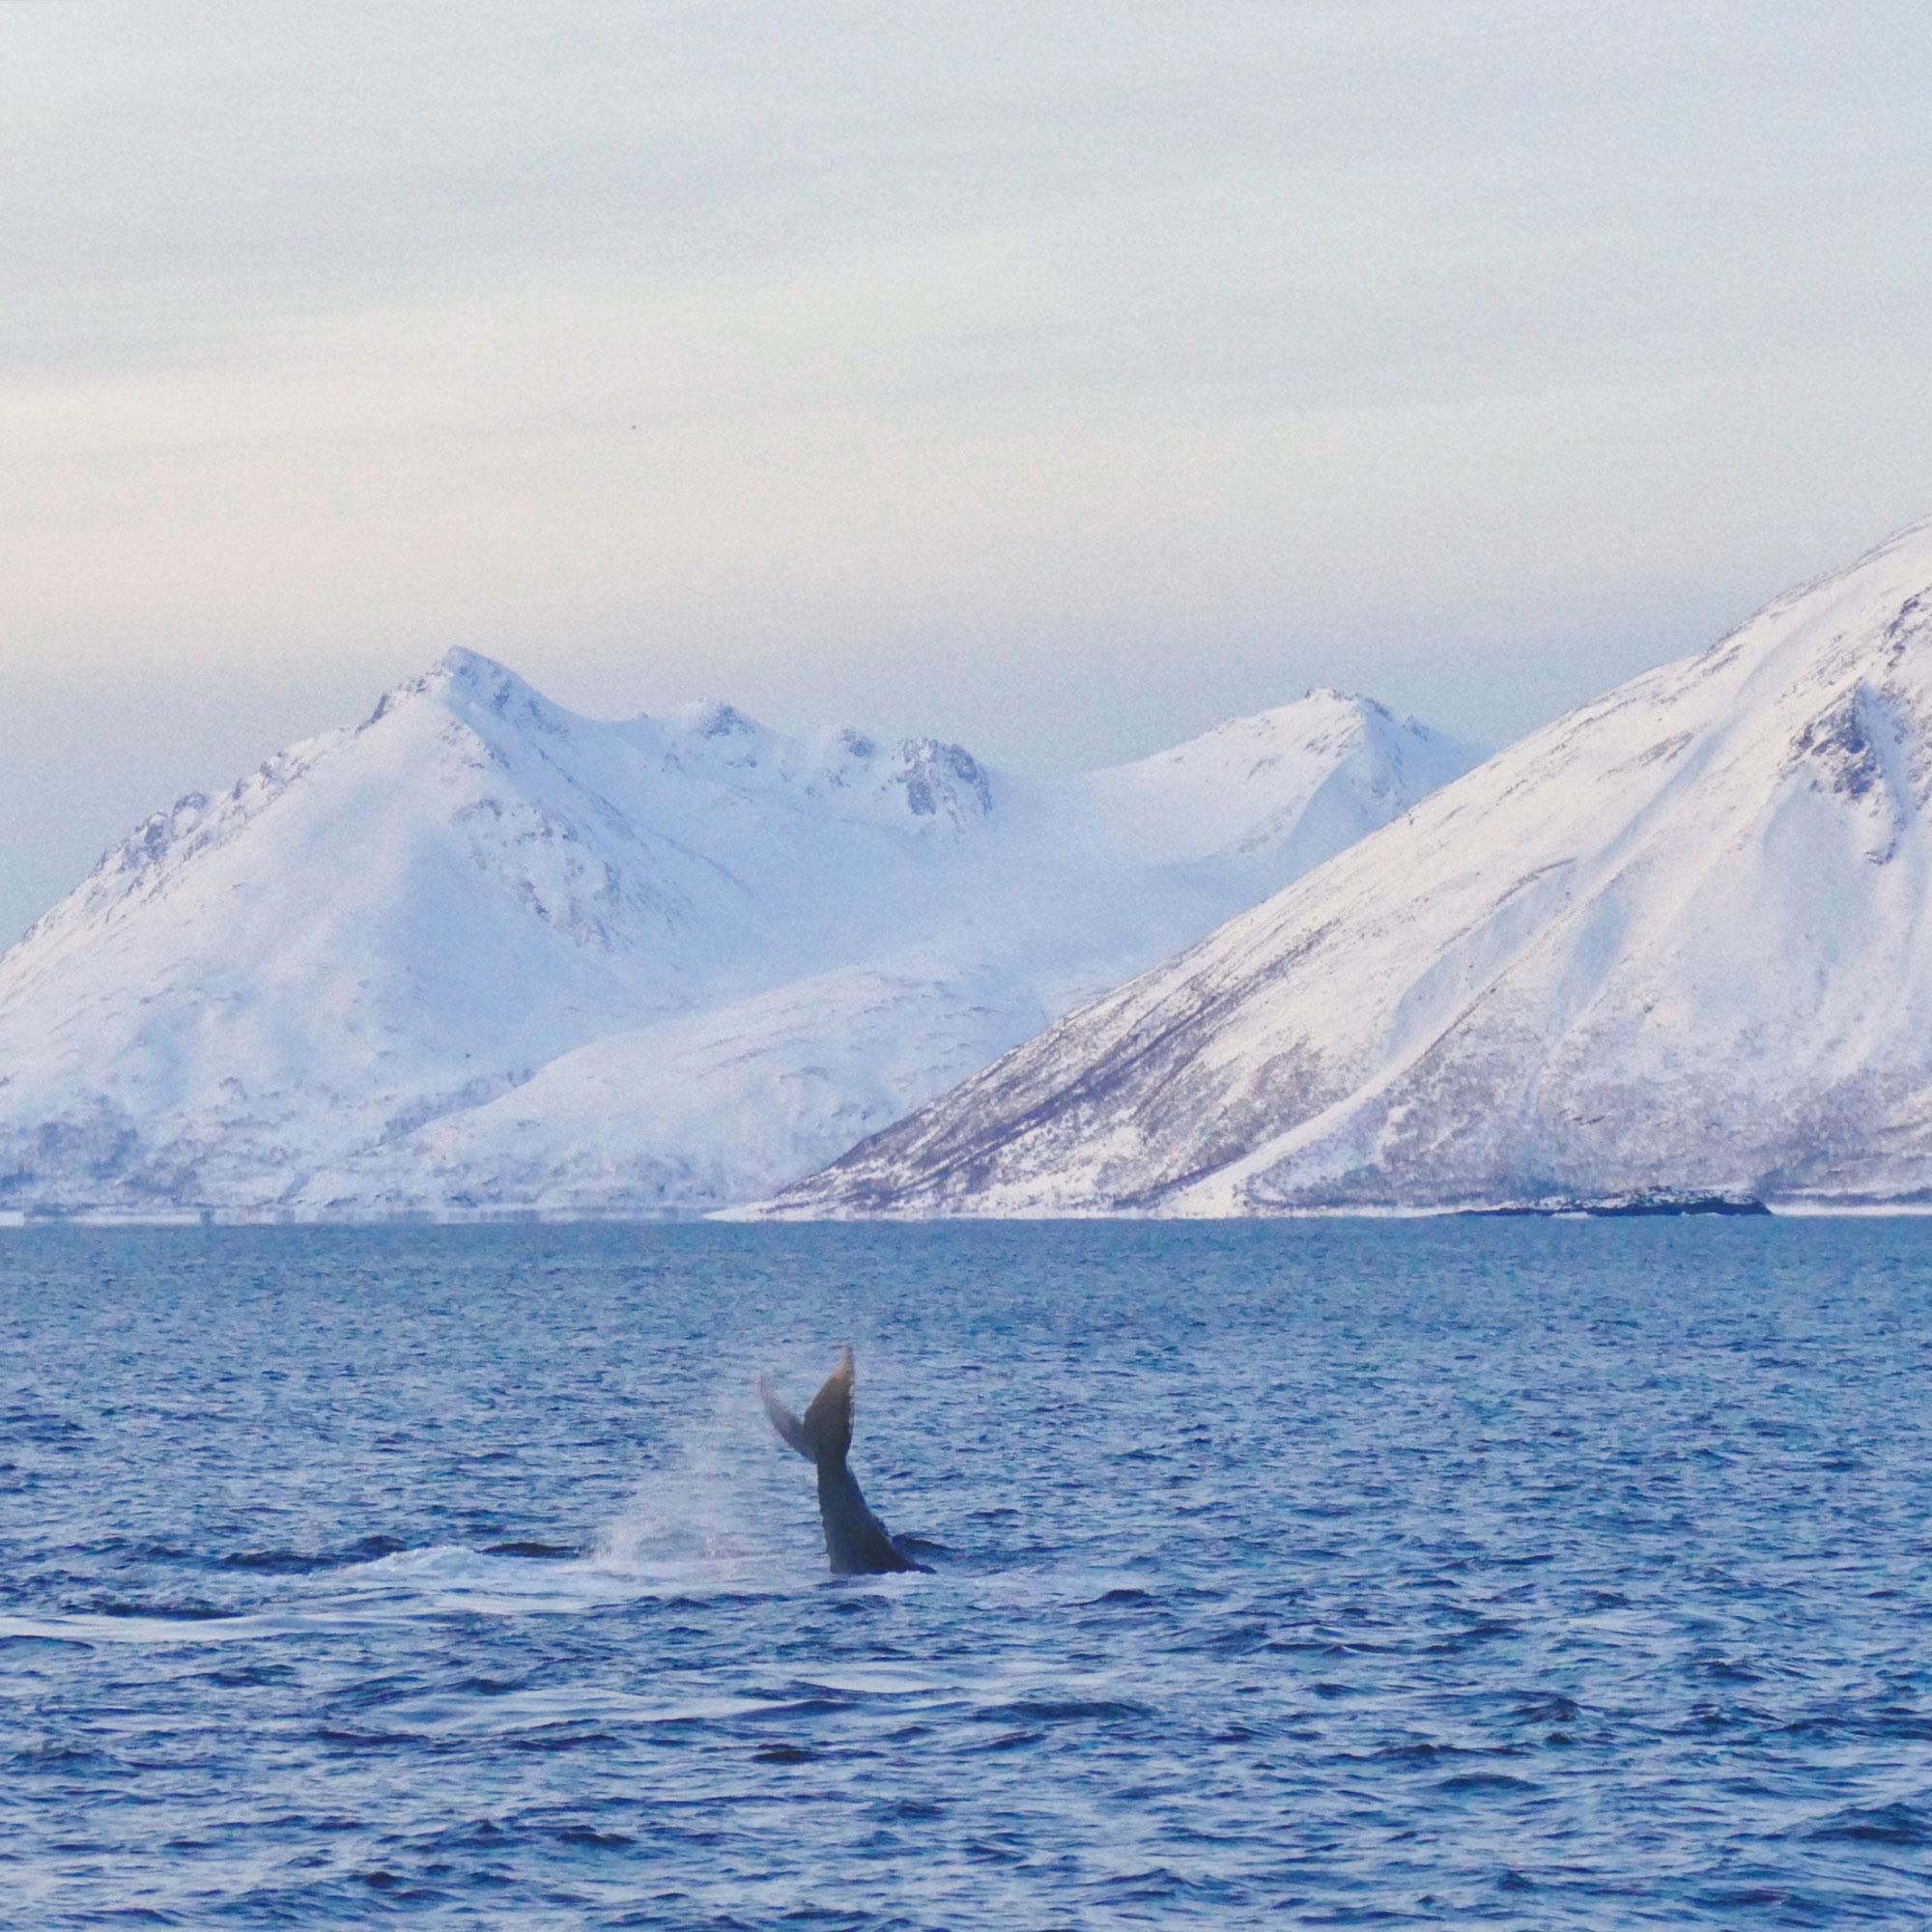 norwegen-wale-buckelwale-08.jpg